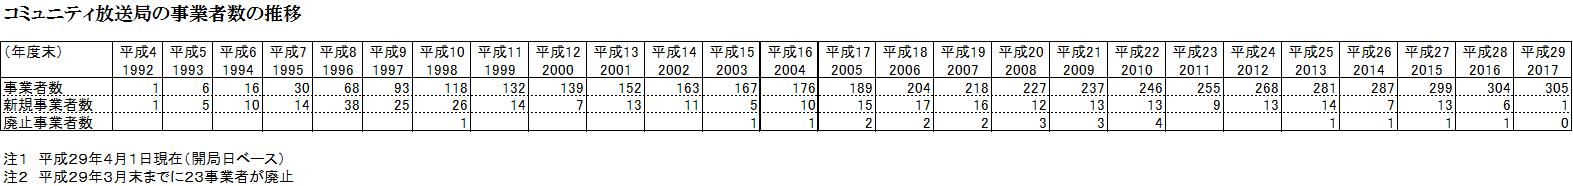 コミュニティ放送局の事業者数の推移